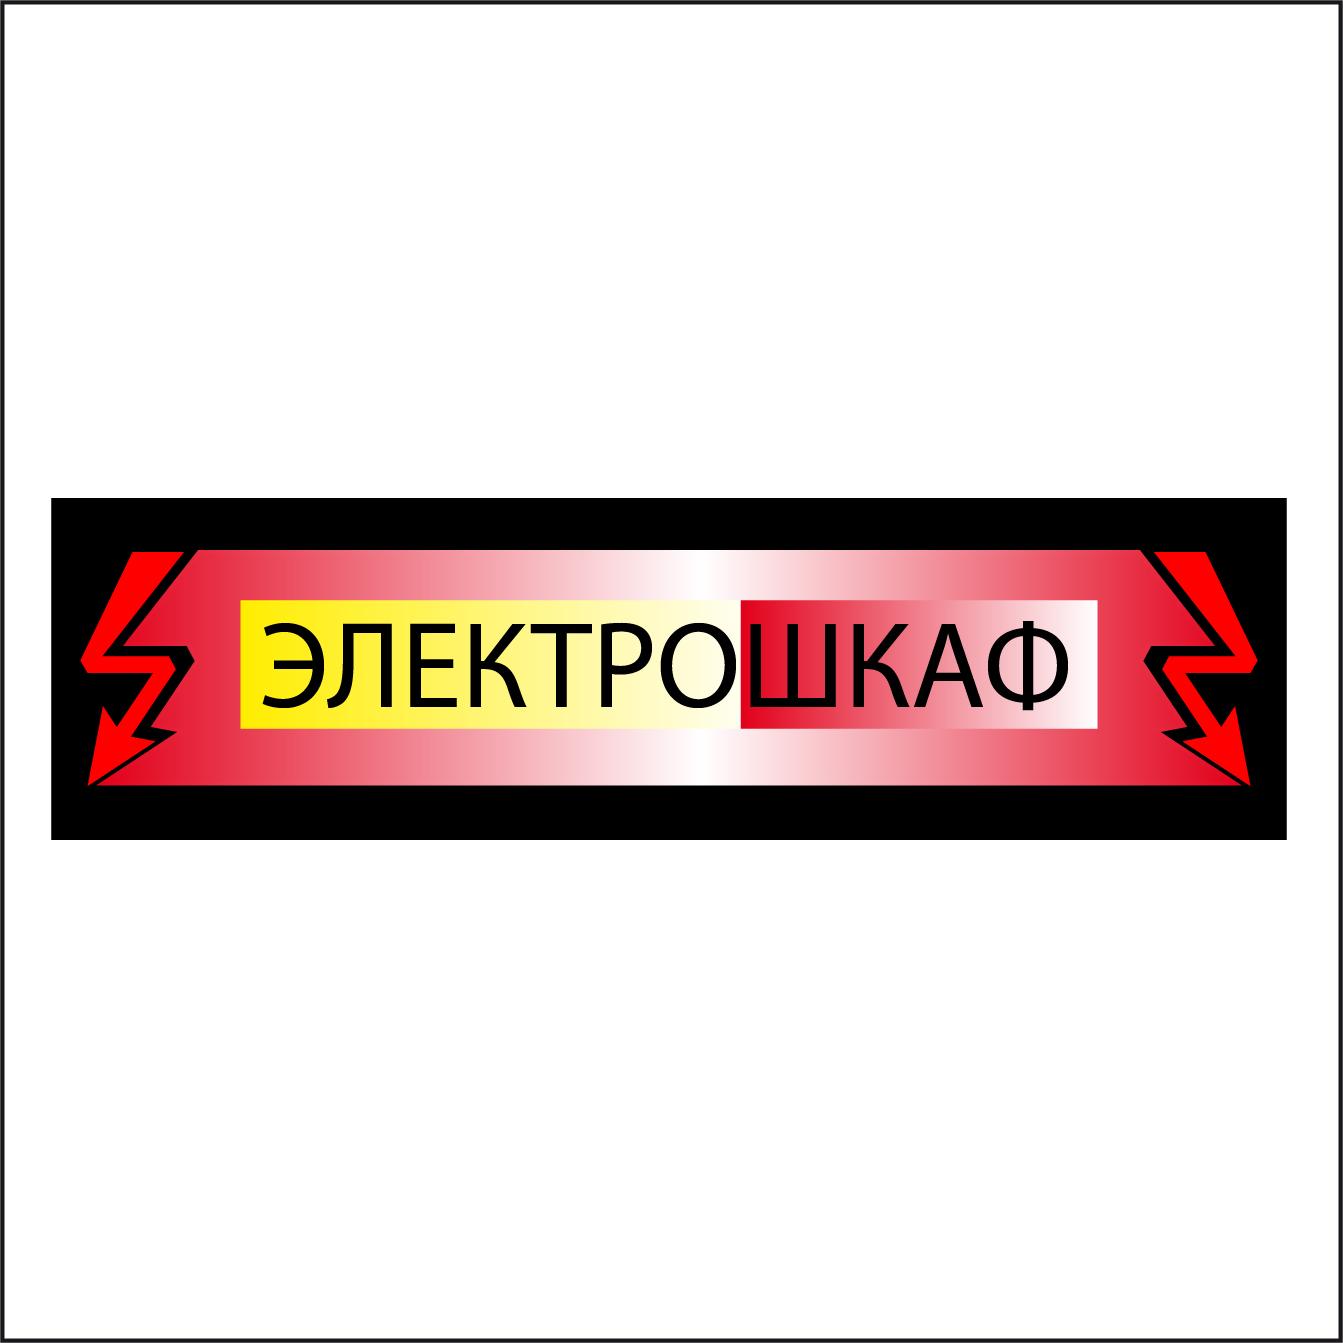 Разработать логотип для завода по производству электрощитов фото f_9475b6e012bc9c4f.jpg